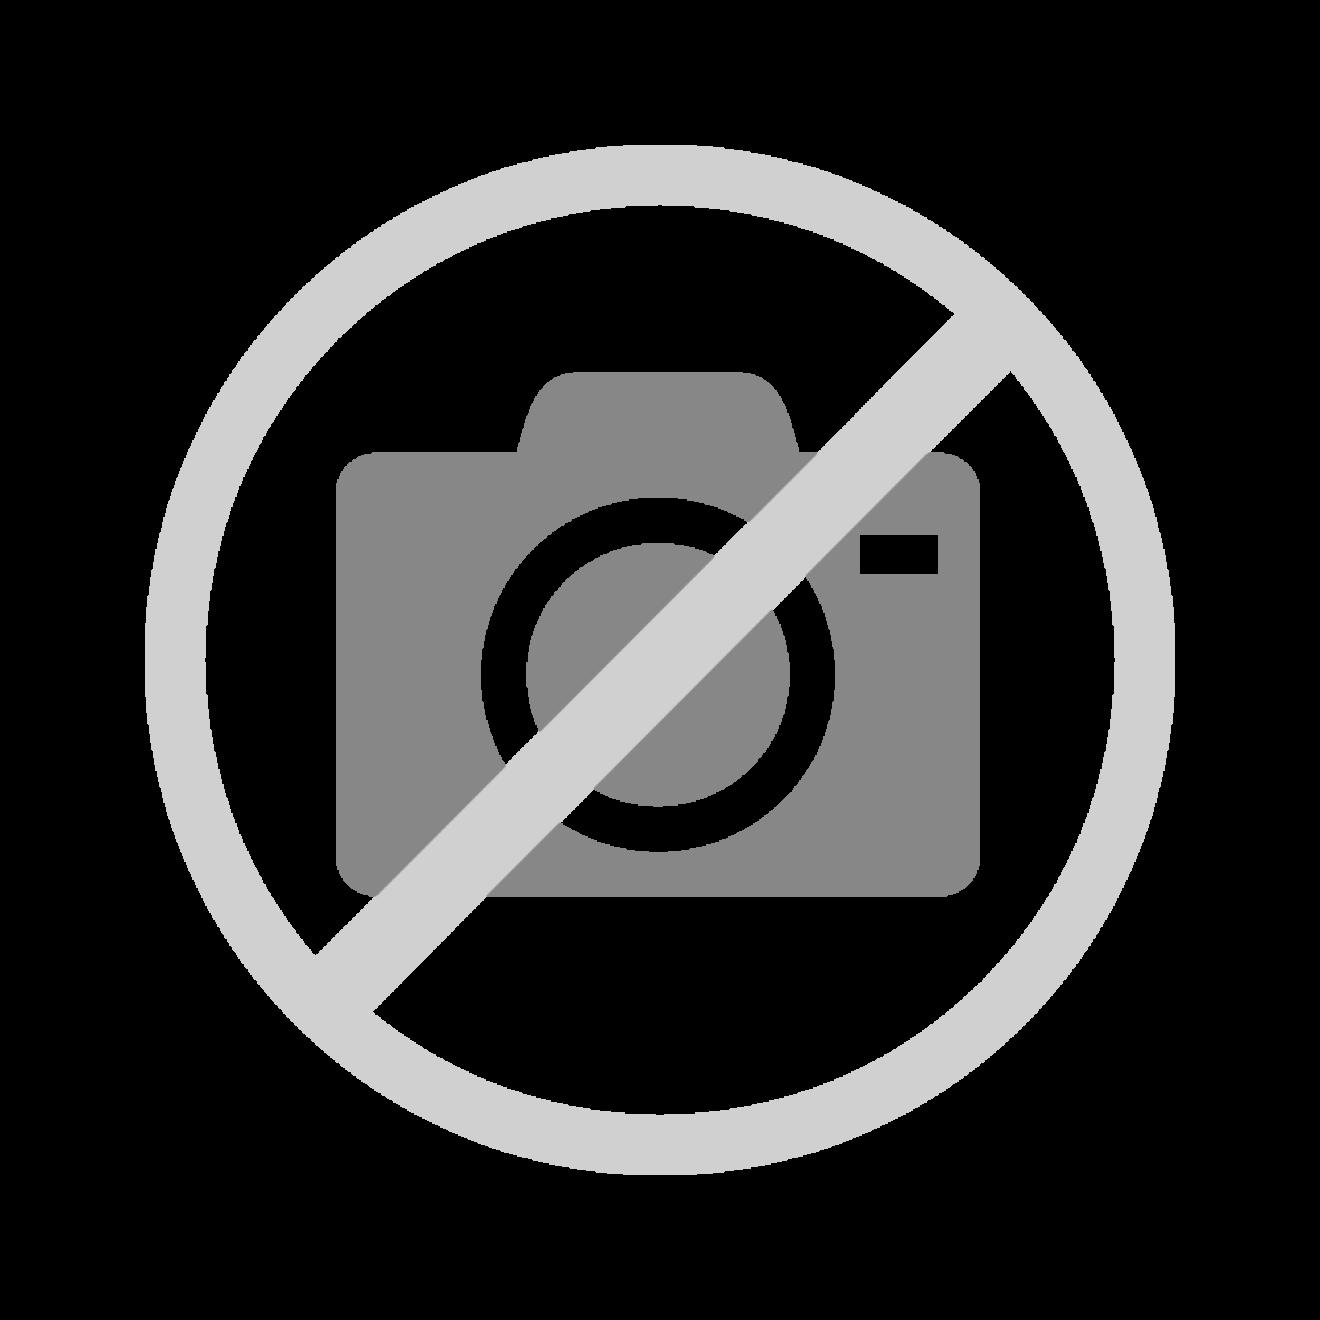 baby blau kleid baby kleid blau baby kleid wei blau mit sternen gr e 68 eur 2 00 erstaunlich. Black Bedroom Furniture Sets. Home Design Ideas